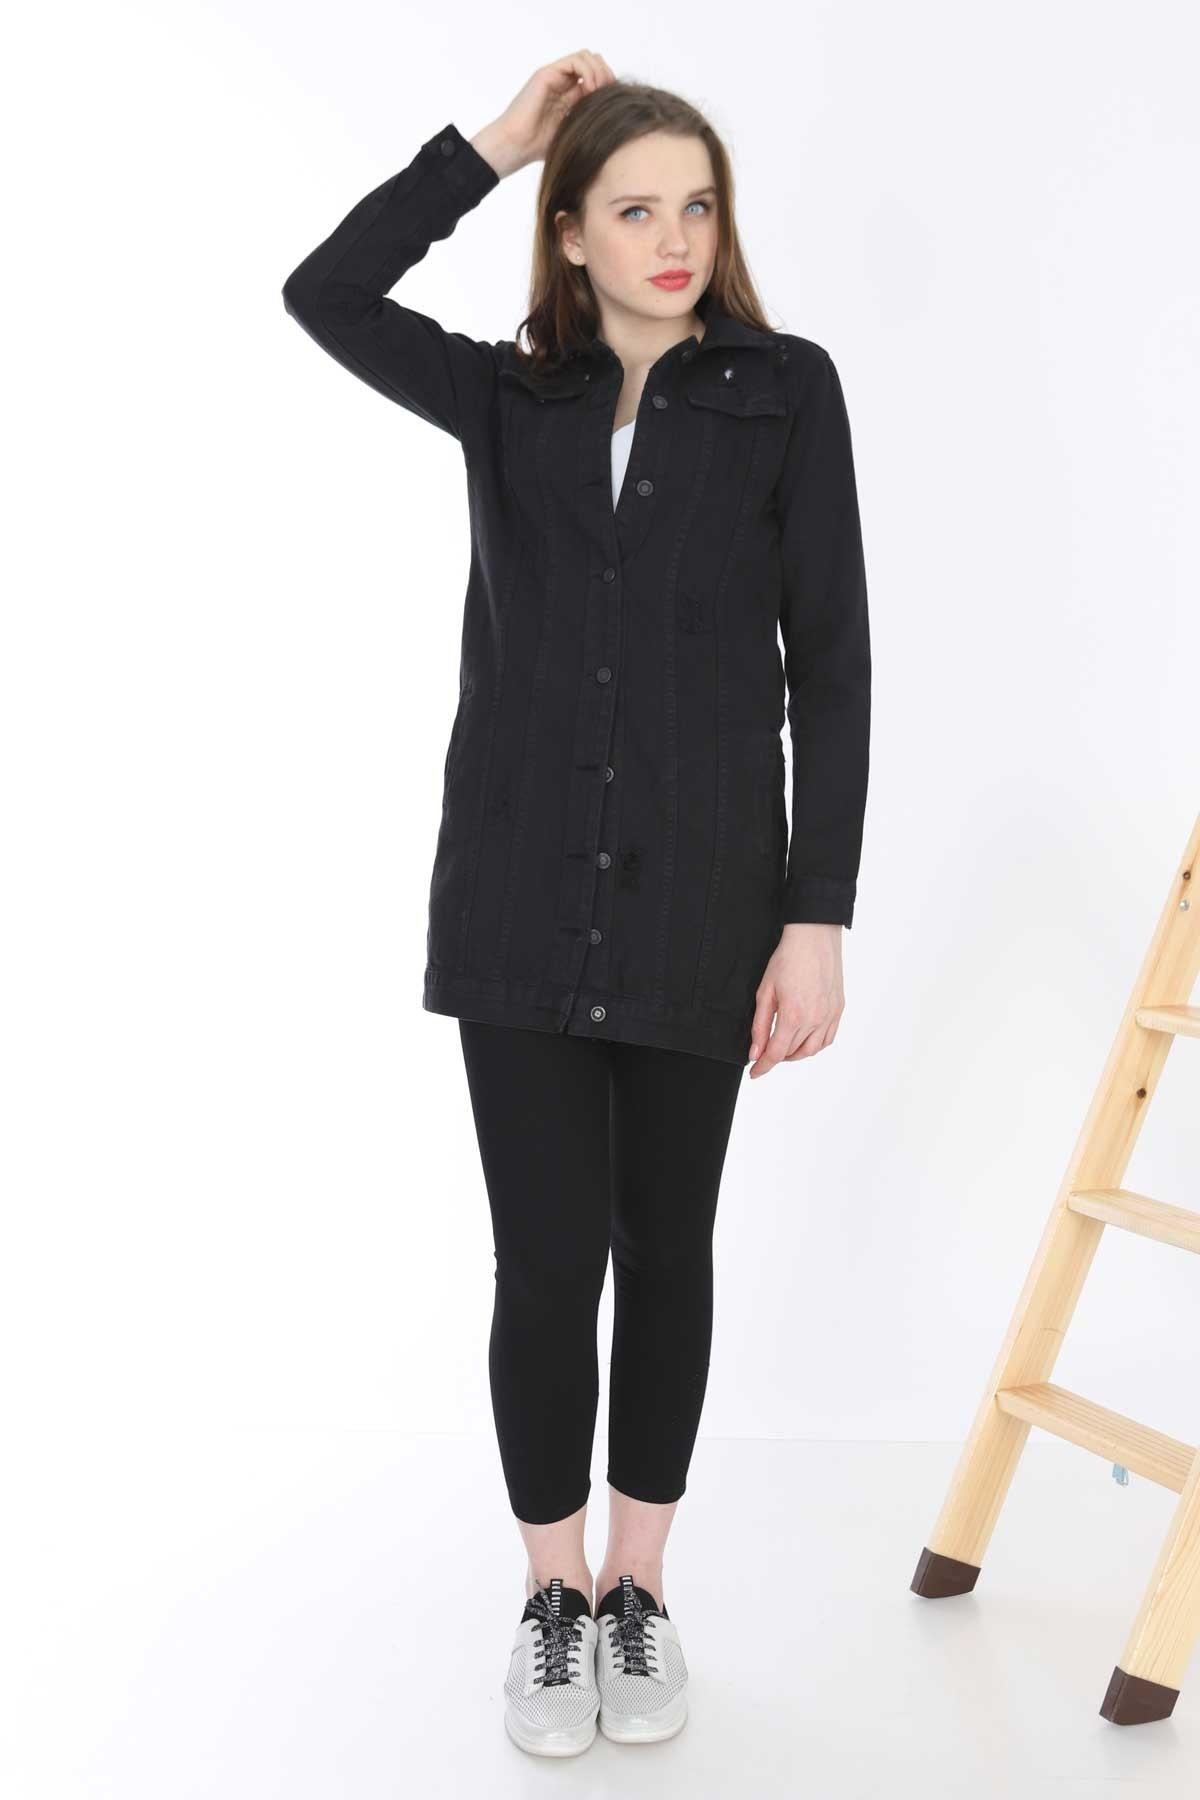 Kadın Siyah Uzun Kot Ceket MYN6053-01-20010